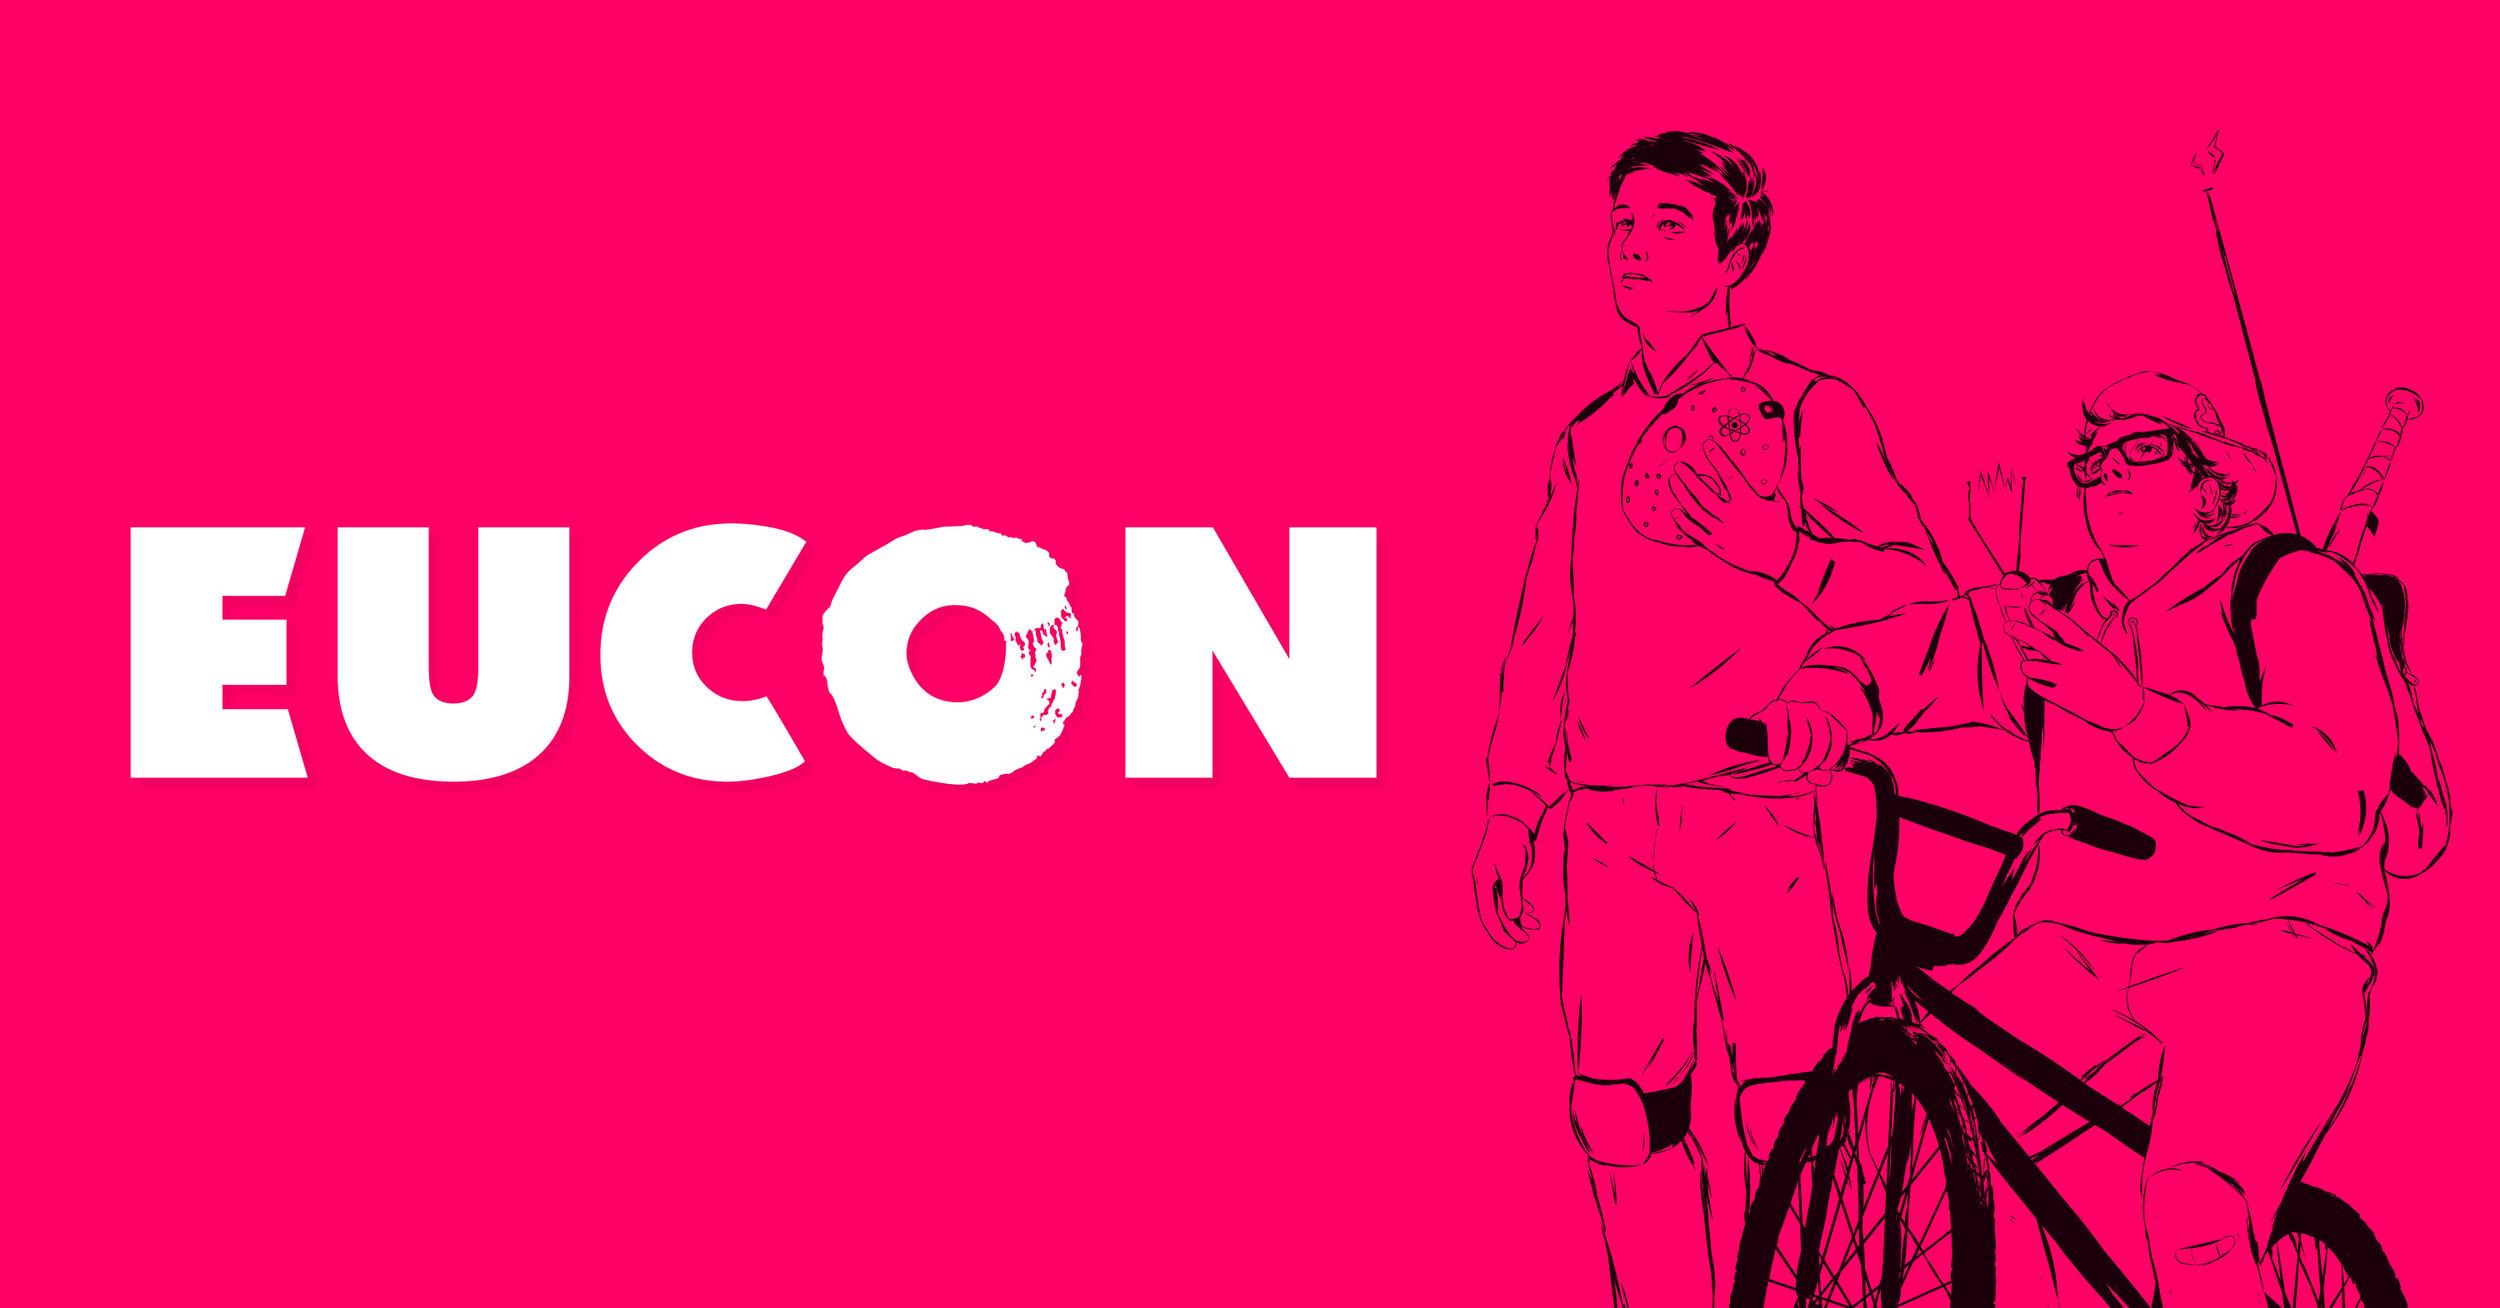 EUCON_graphics-01.jpg